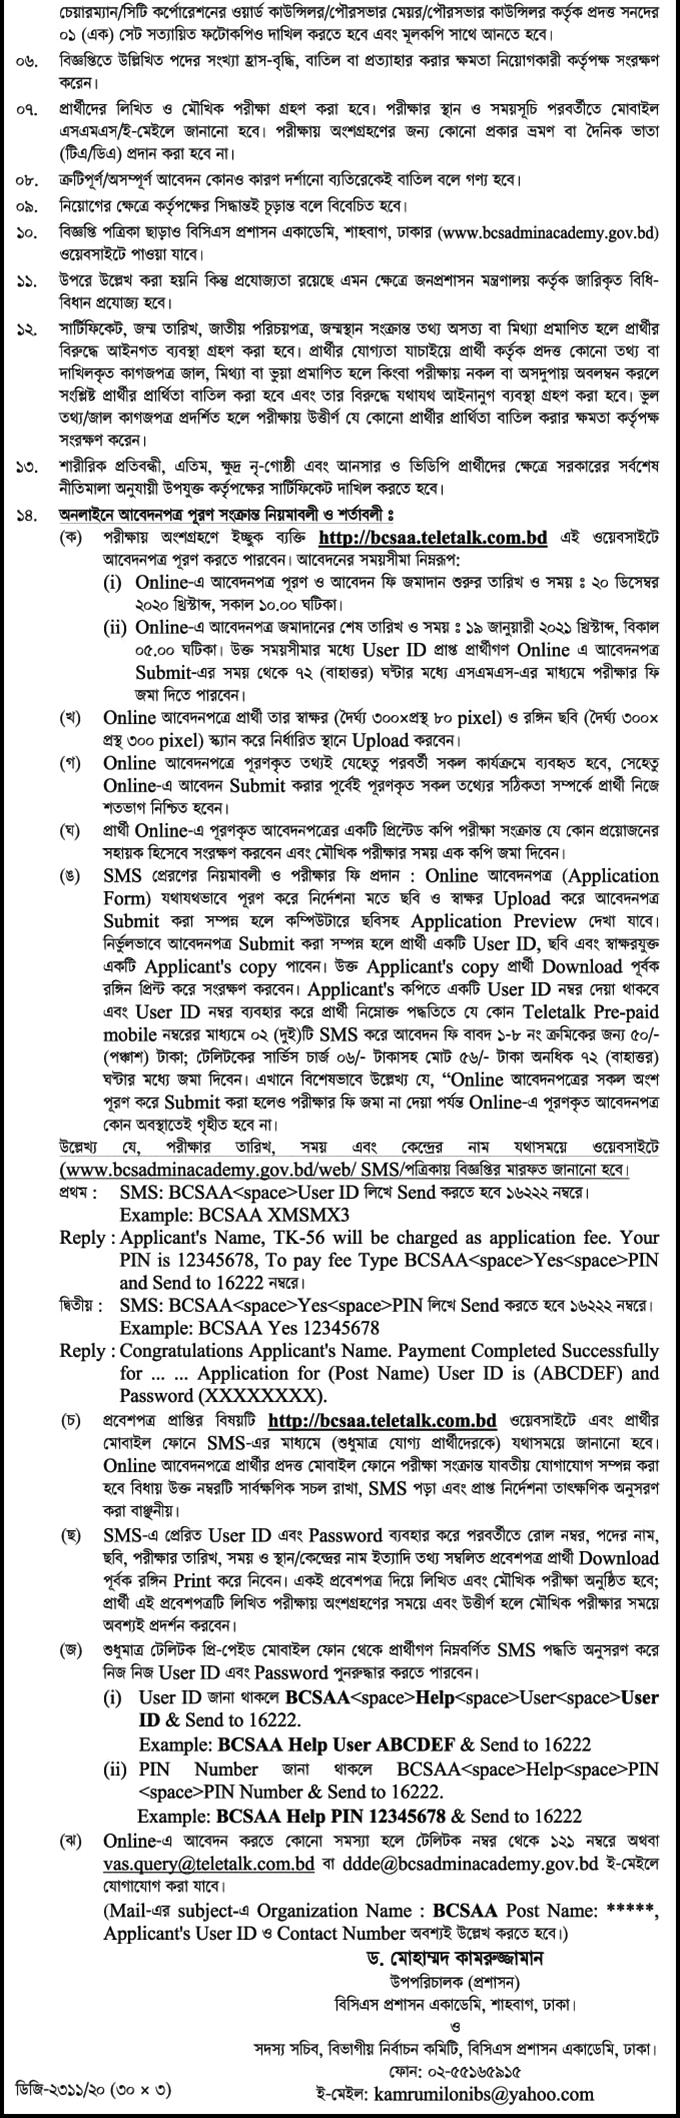 BCSAA Job Circular 2020